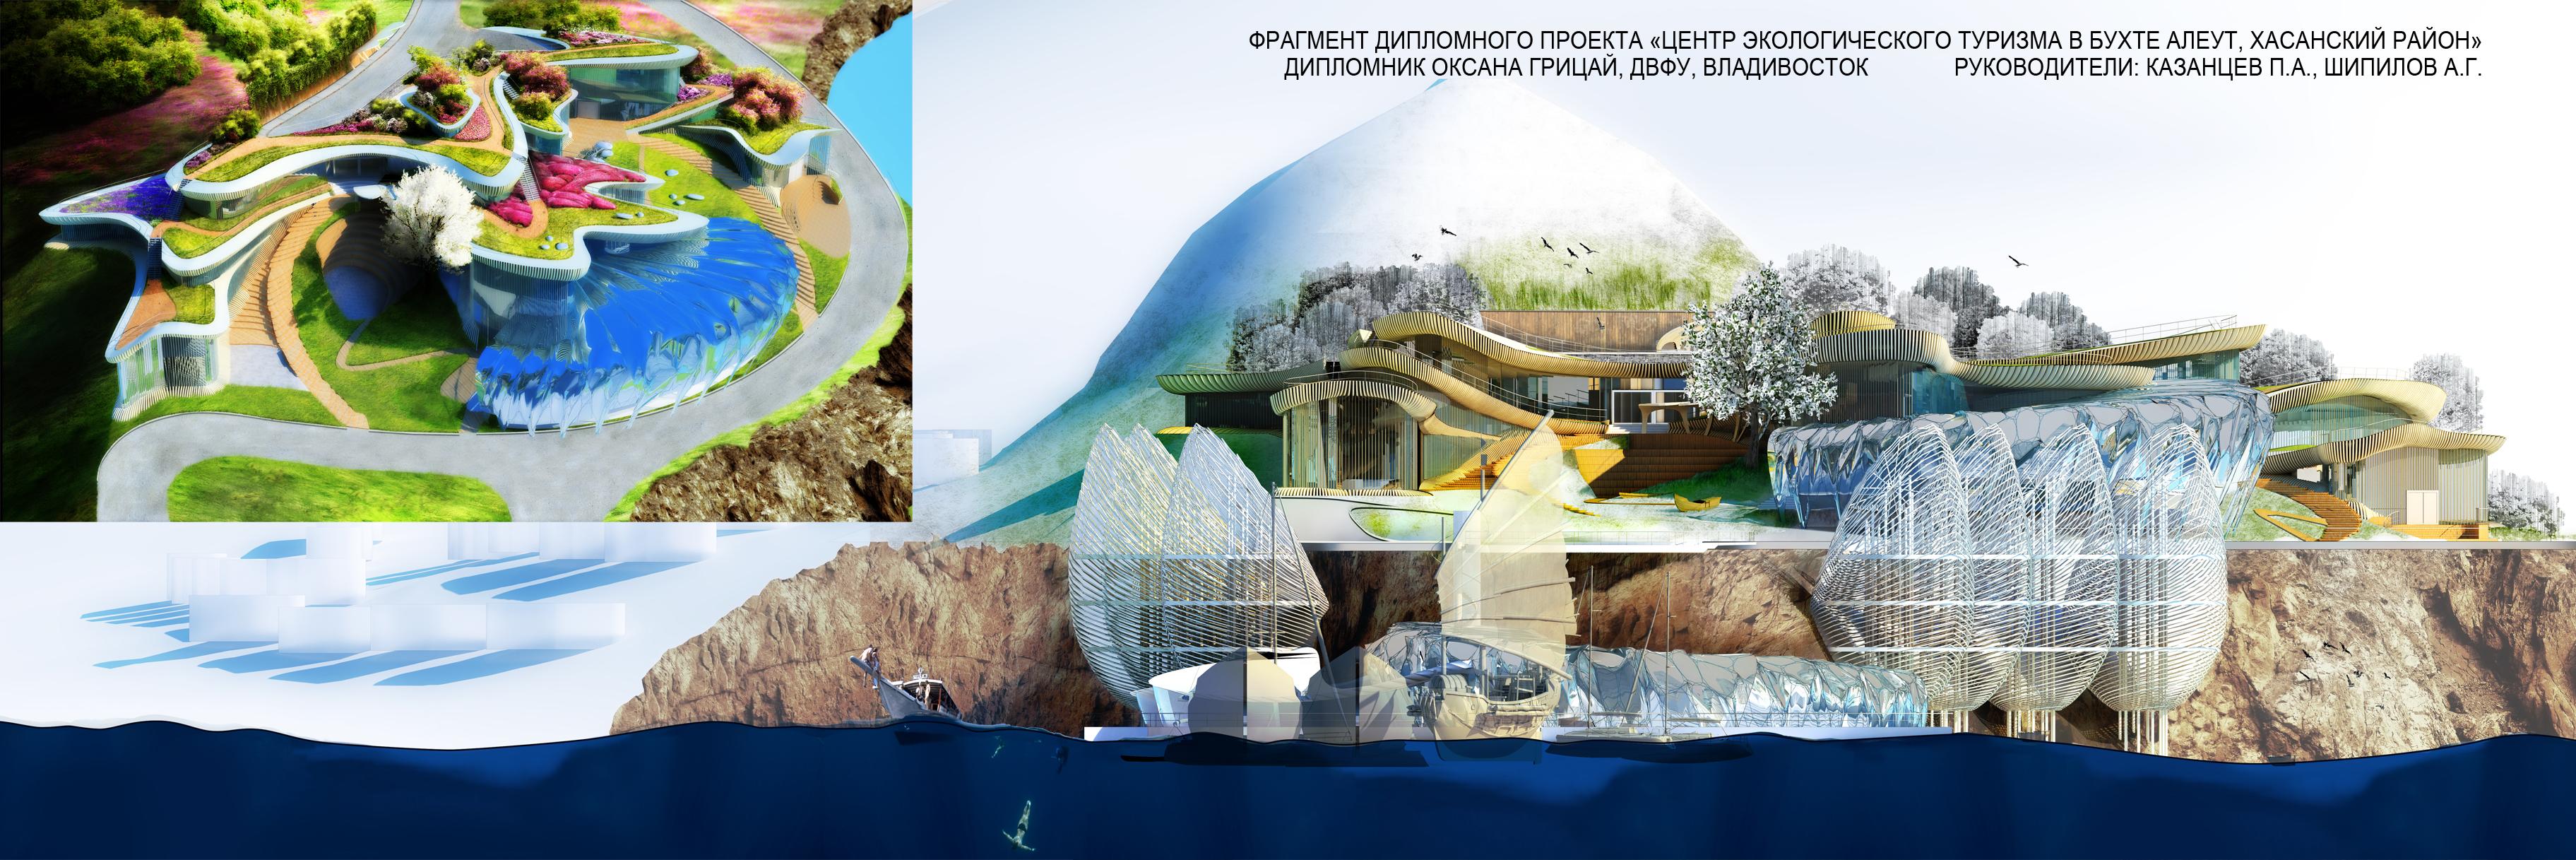 АН10 фрагмент дипломного проекта Оксаны Грицай